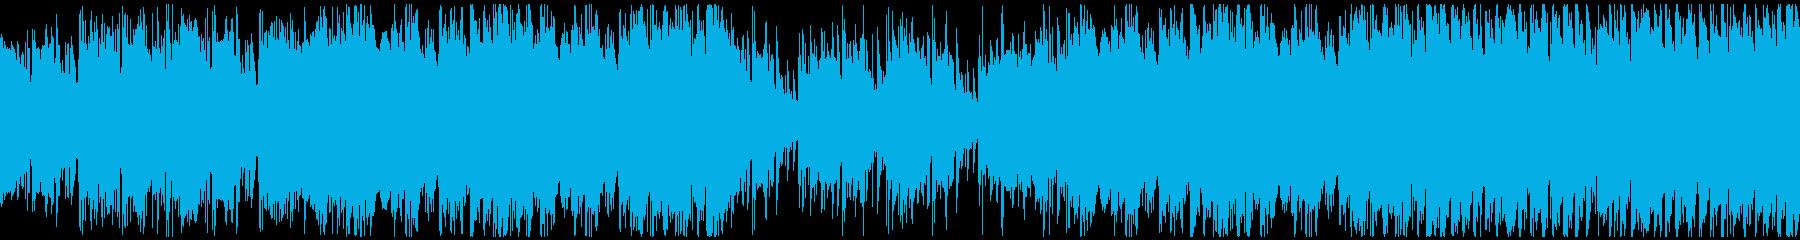 穏やかな日常・カントリー・ループの再生済みの波形